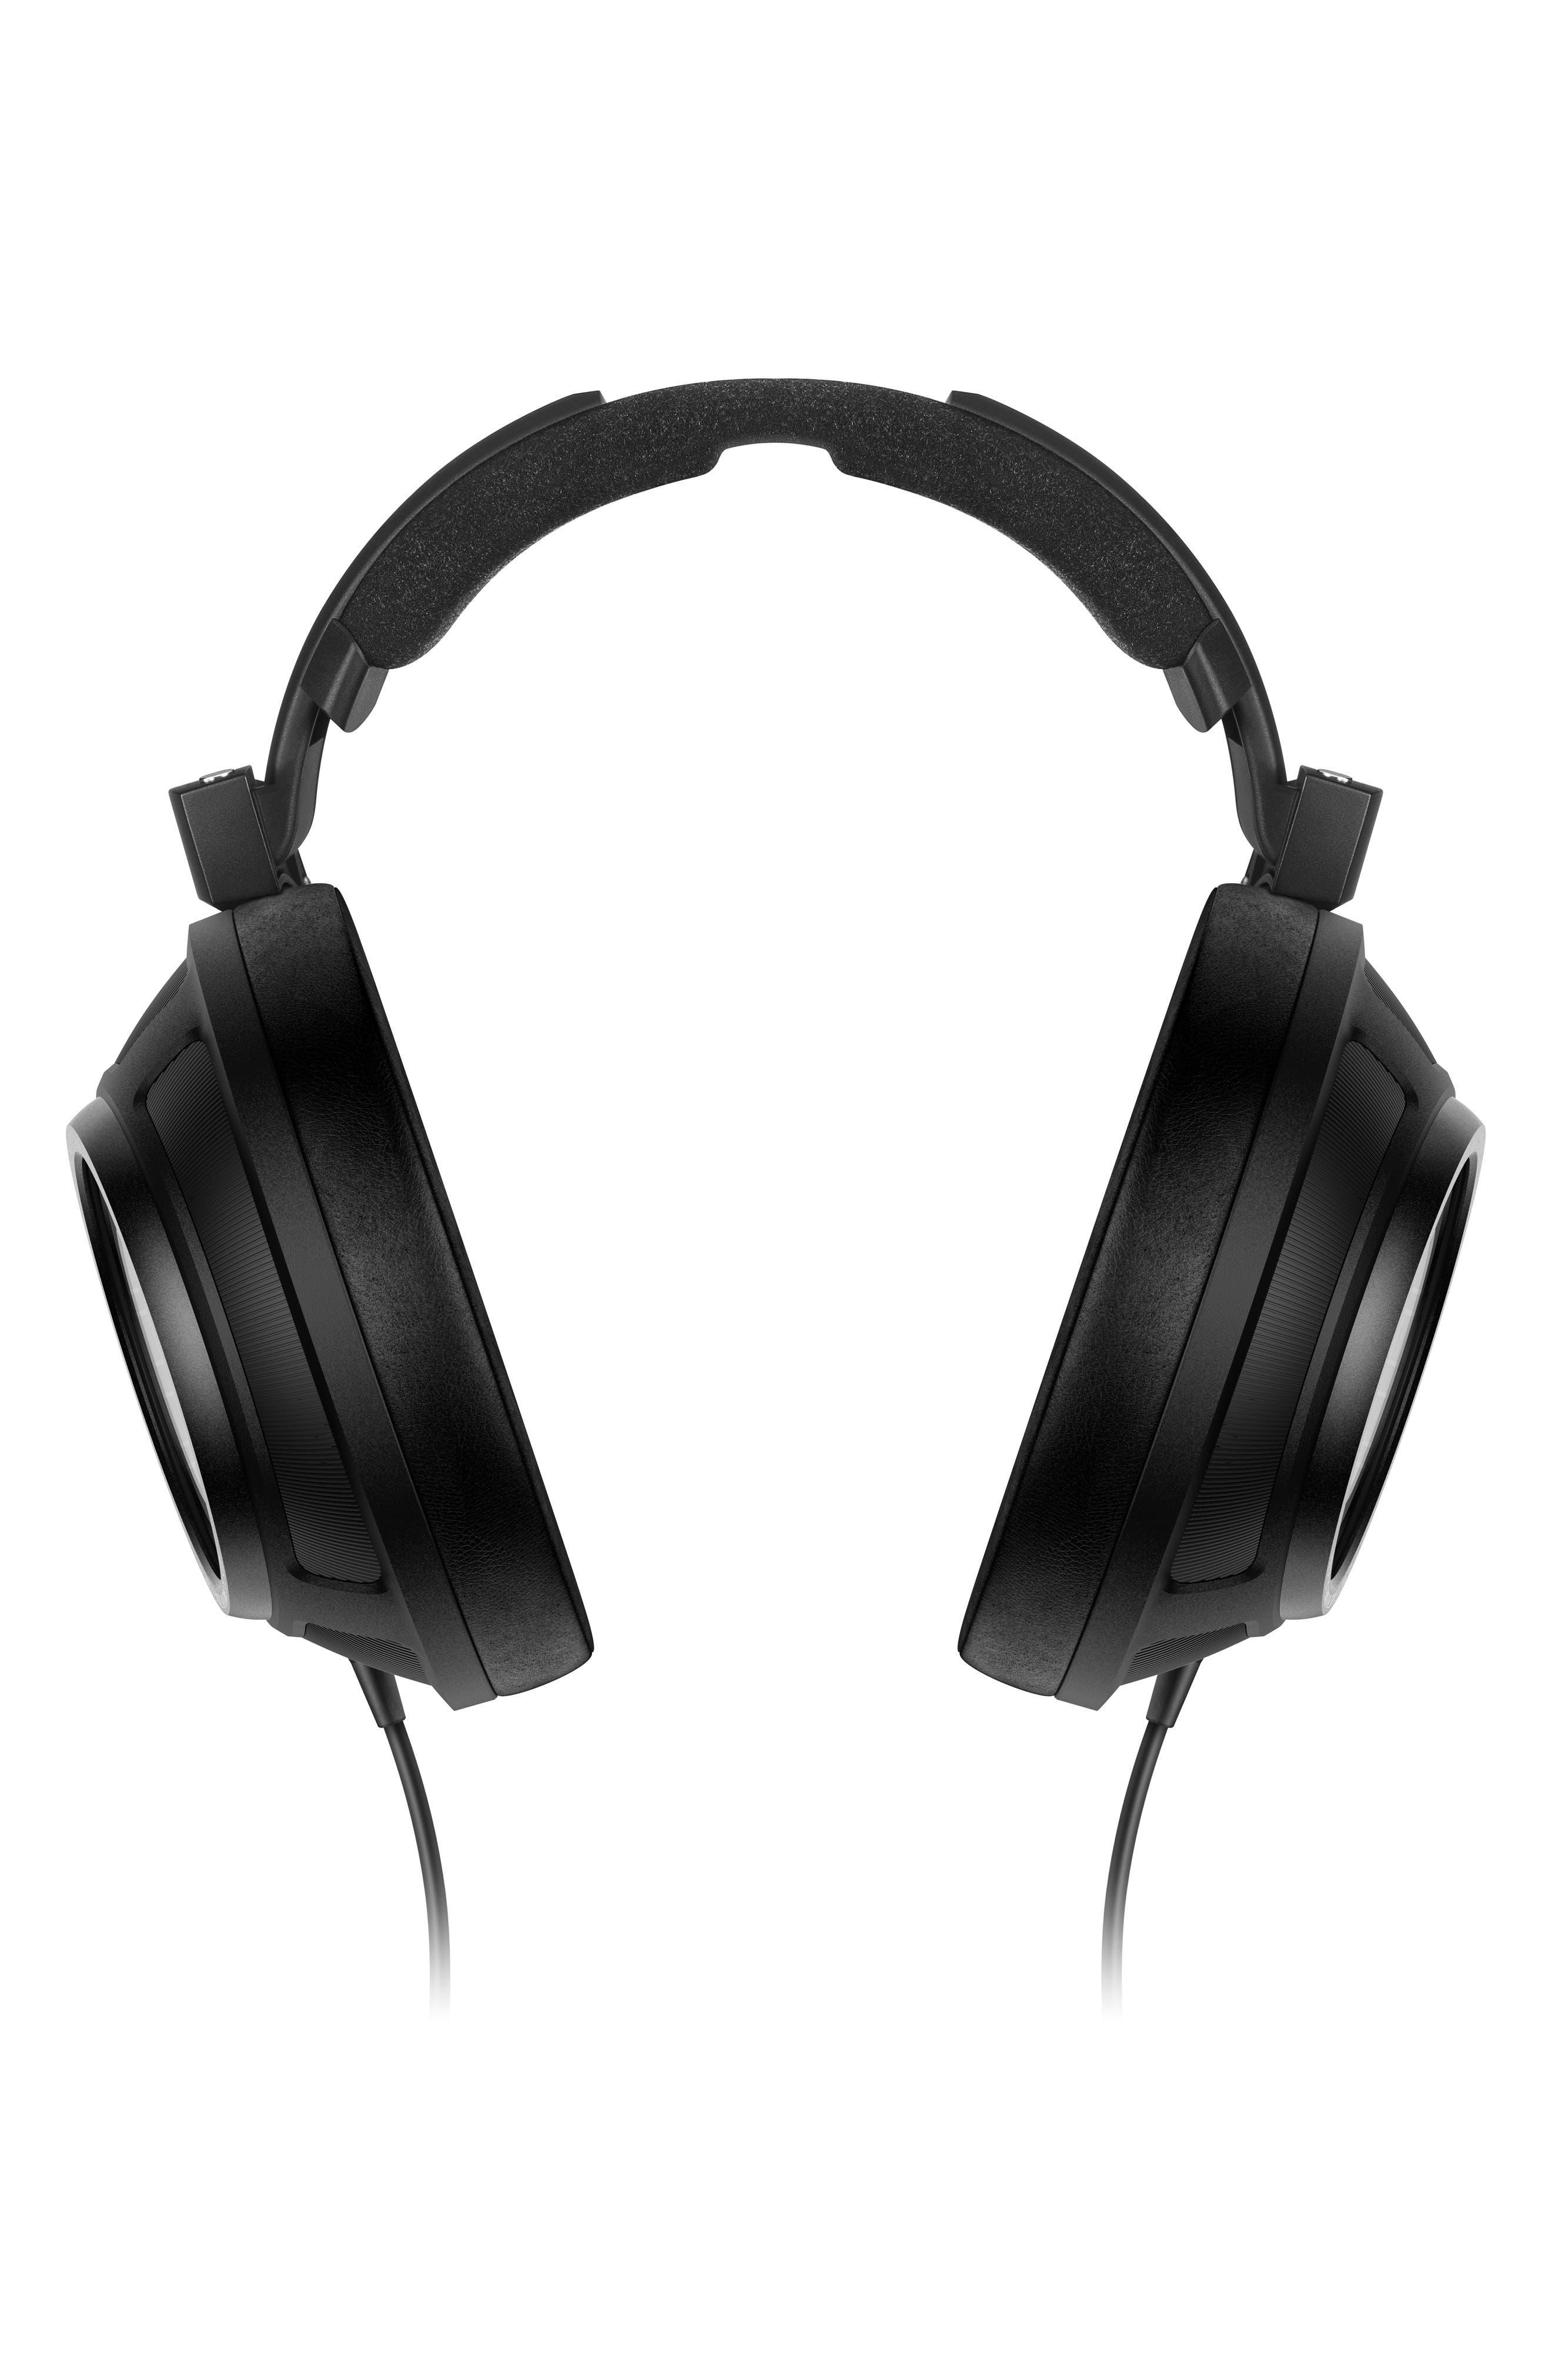 HD 820 On-Ear Headphones,                             Main thumbnail 1, color,                             BLACK